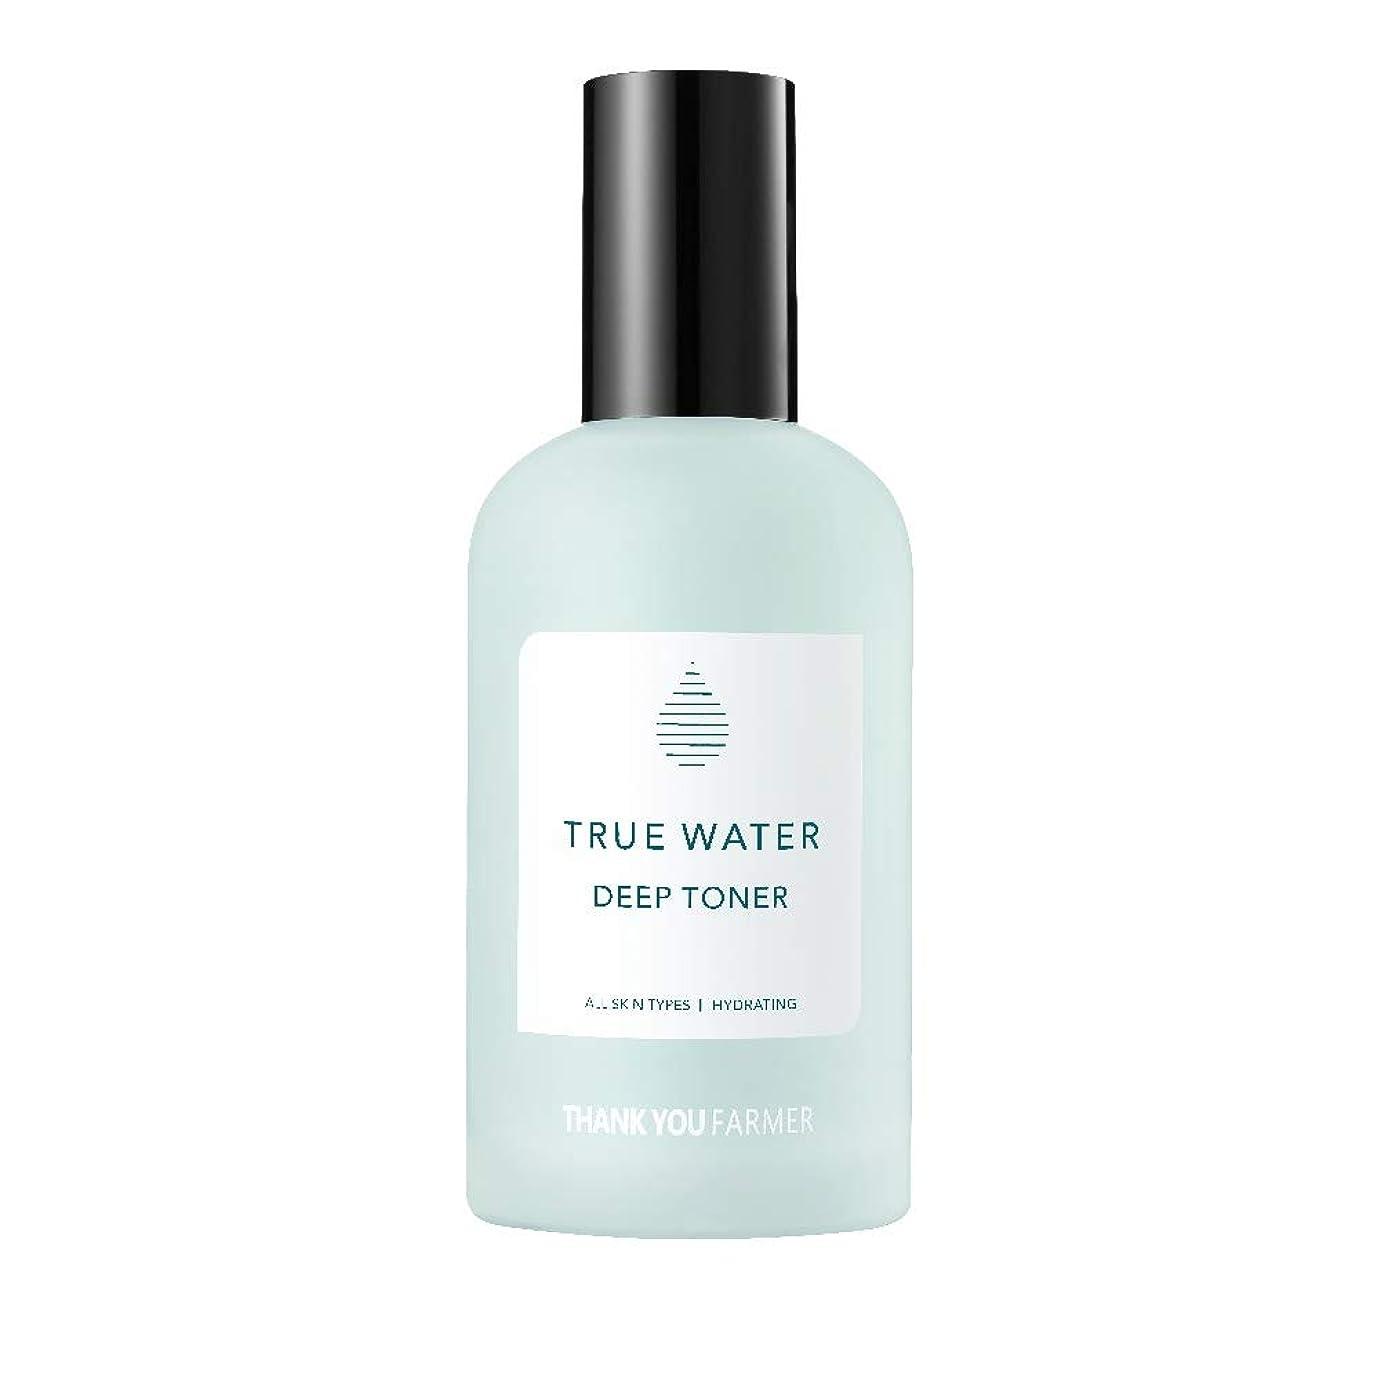 文庫本疎外残基THANK YOU FARMER [サンキューファーマー] トゥルーウォーター ディープ トナー 化粧水